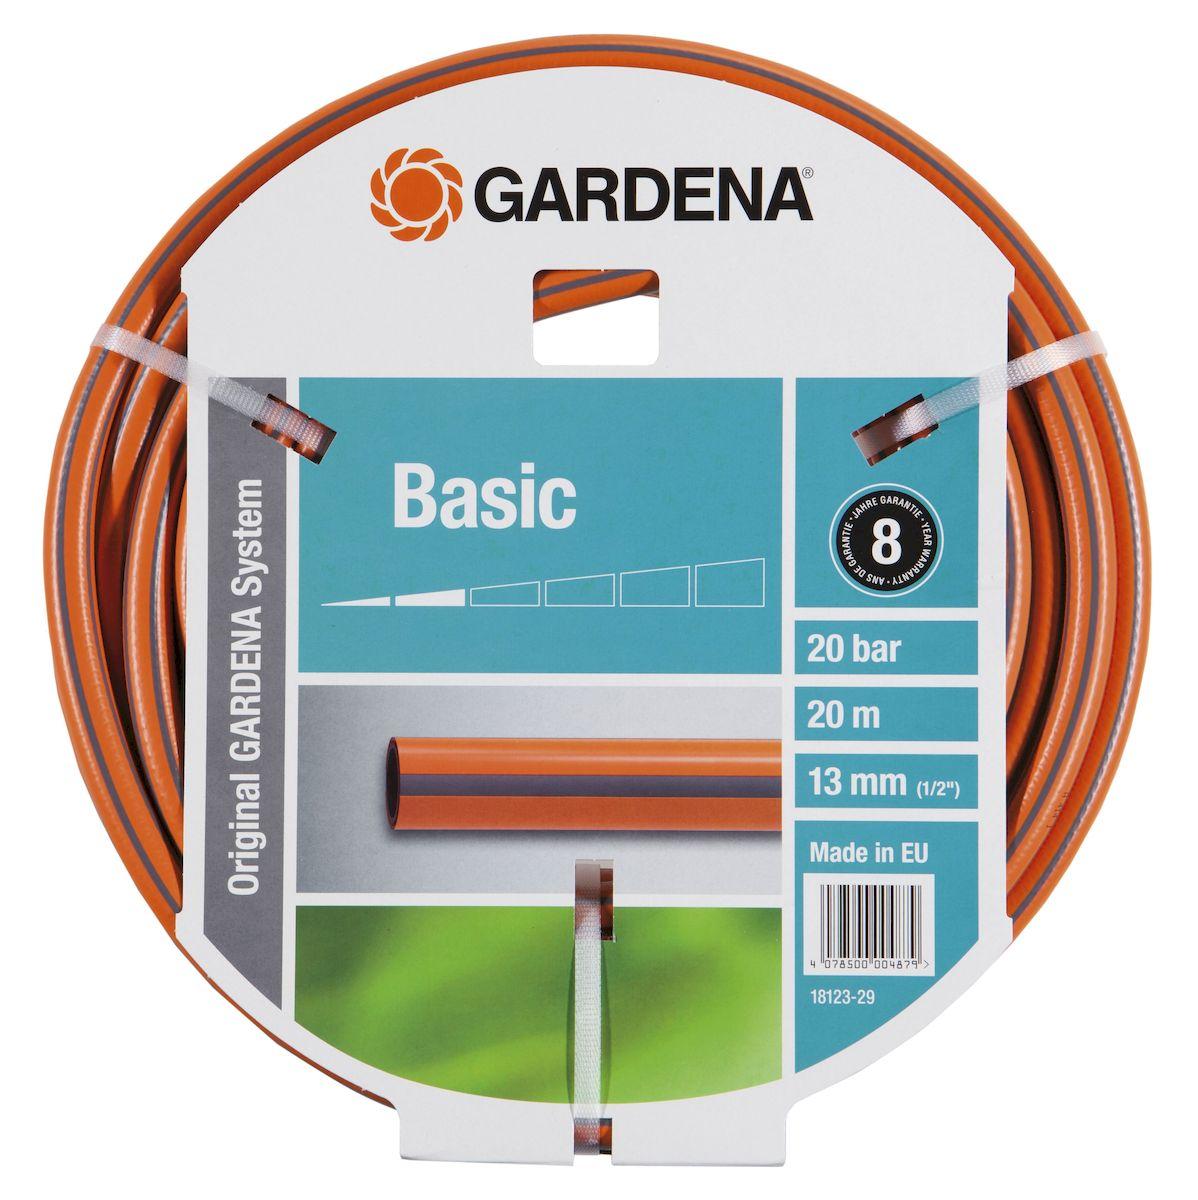 Gardena Шланг Basic 9 х 9, 1/2 х 20 м18123-29.000.00Отсутствие фталатов и тяжелых металлов, устойчив к УФ-излучению, ПВХ, Высококачественное спиралевидное текстильное армирование, выдерживает давление 22 бар.